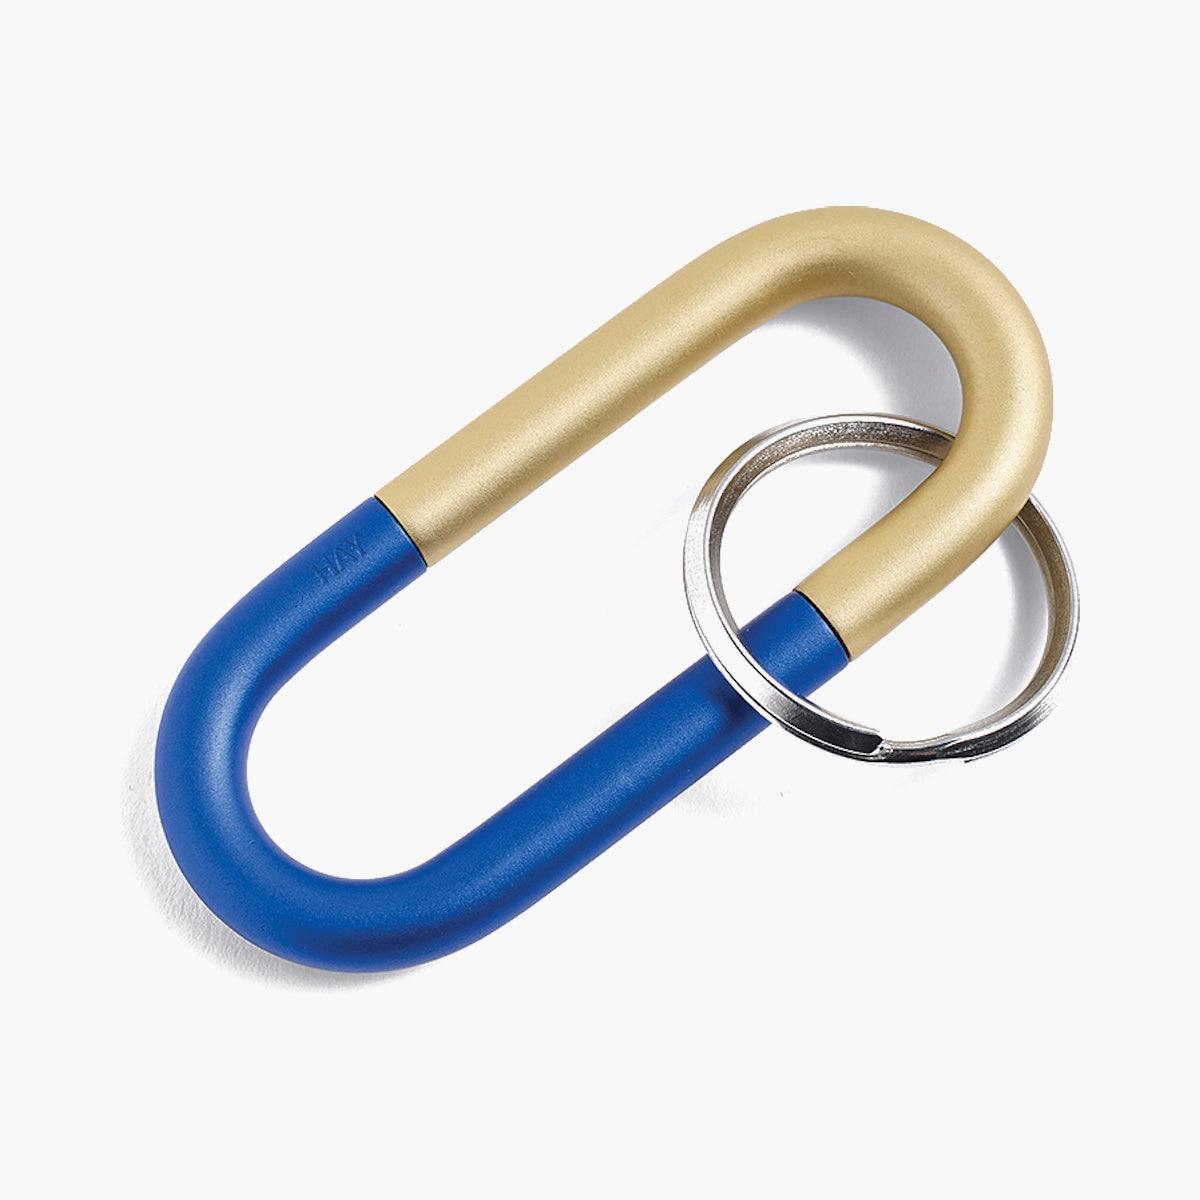 Cane Key Ring, Blue